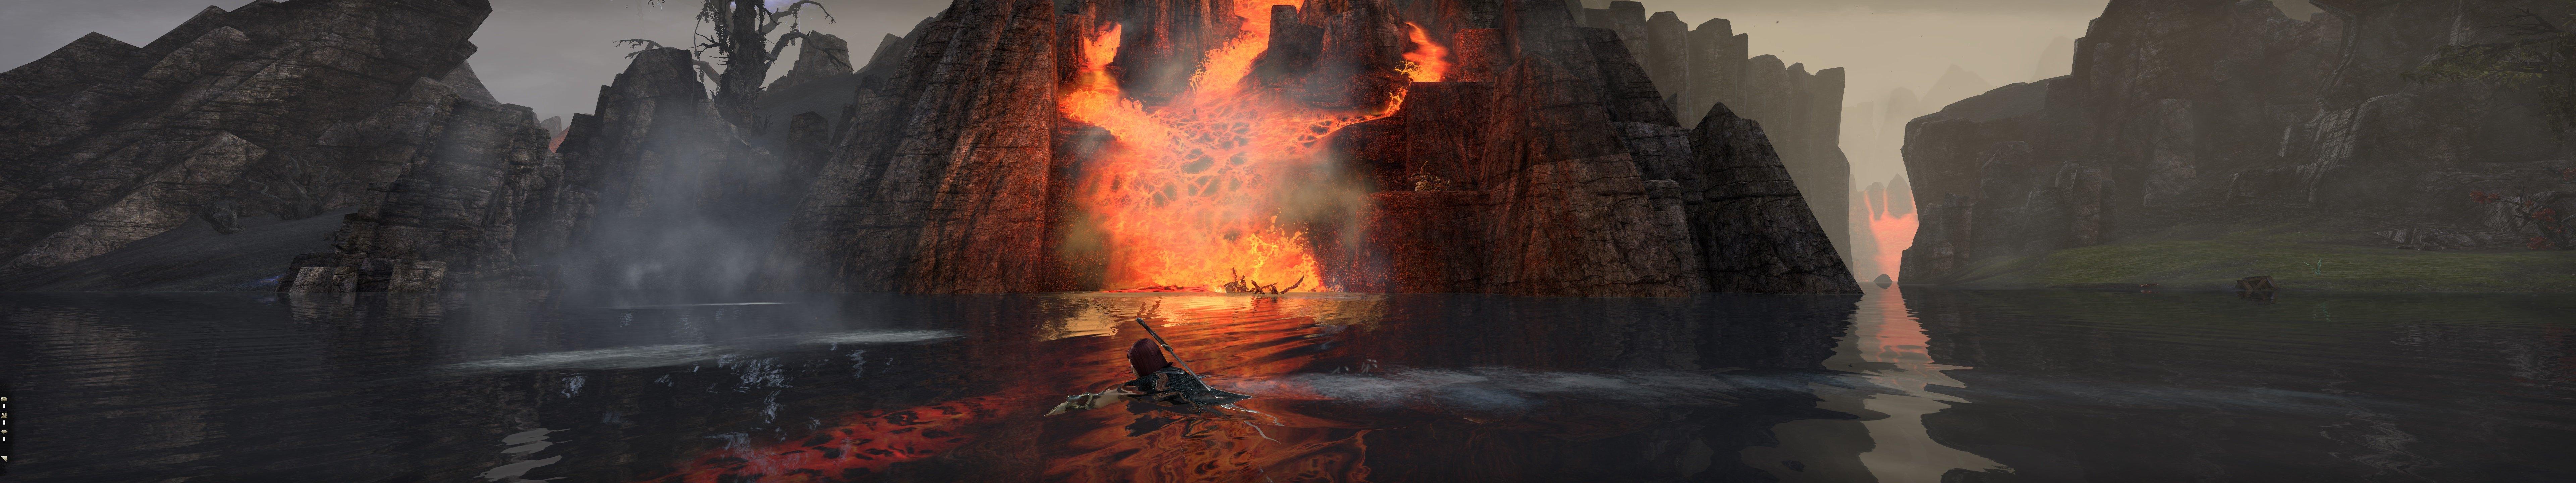 Пачка скриншотов из The Elder Scrolls Online на максимальных настройках в разрешении 7680x1440 - Изображение 8